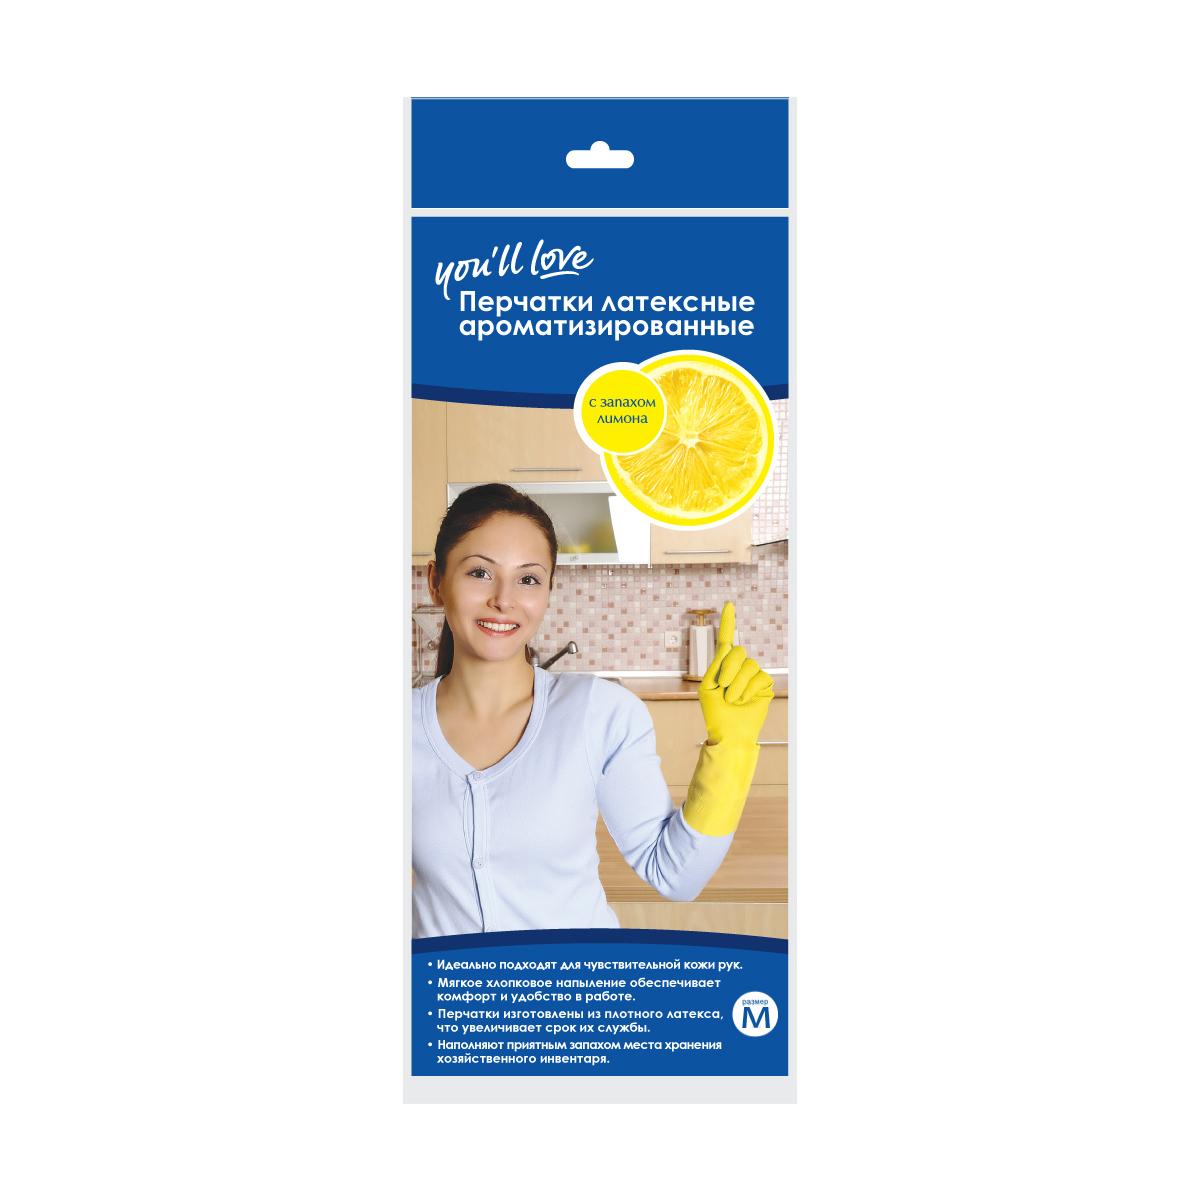 Перчатки латексные ароматизированные Youll love, аромат лимона. Размер M60317MПерчатки латексные ароматизированные Youll love с хлопковым напылением защищают ваши руки от загрязнений, воздействия моющих и чистящих средств. Приятный аромат при использовании и в местах хранения. Плотный латекс увеличивает срок службы перчаток. Рифленая поверхность в области ладони защищает от скольжения.